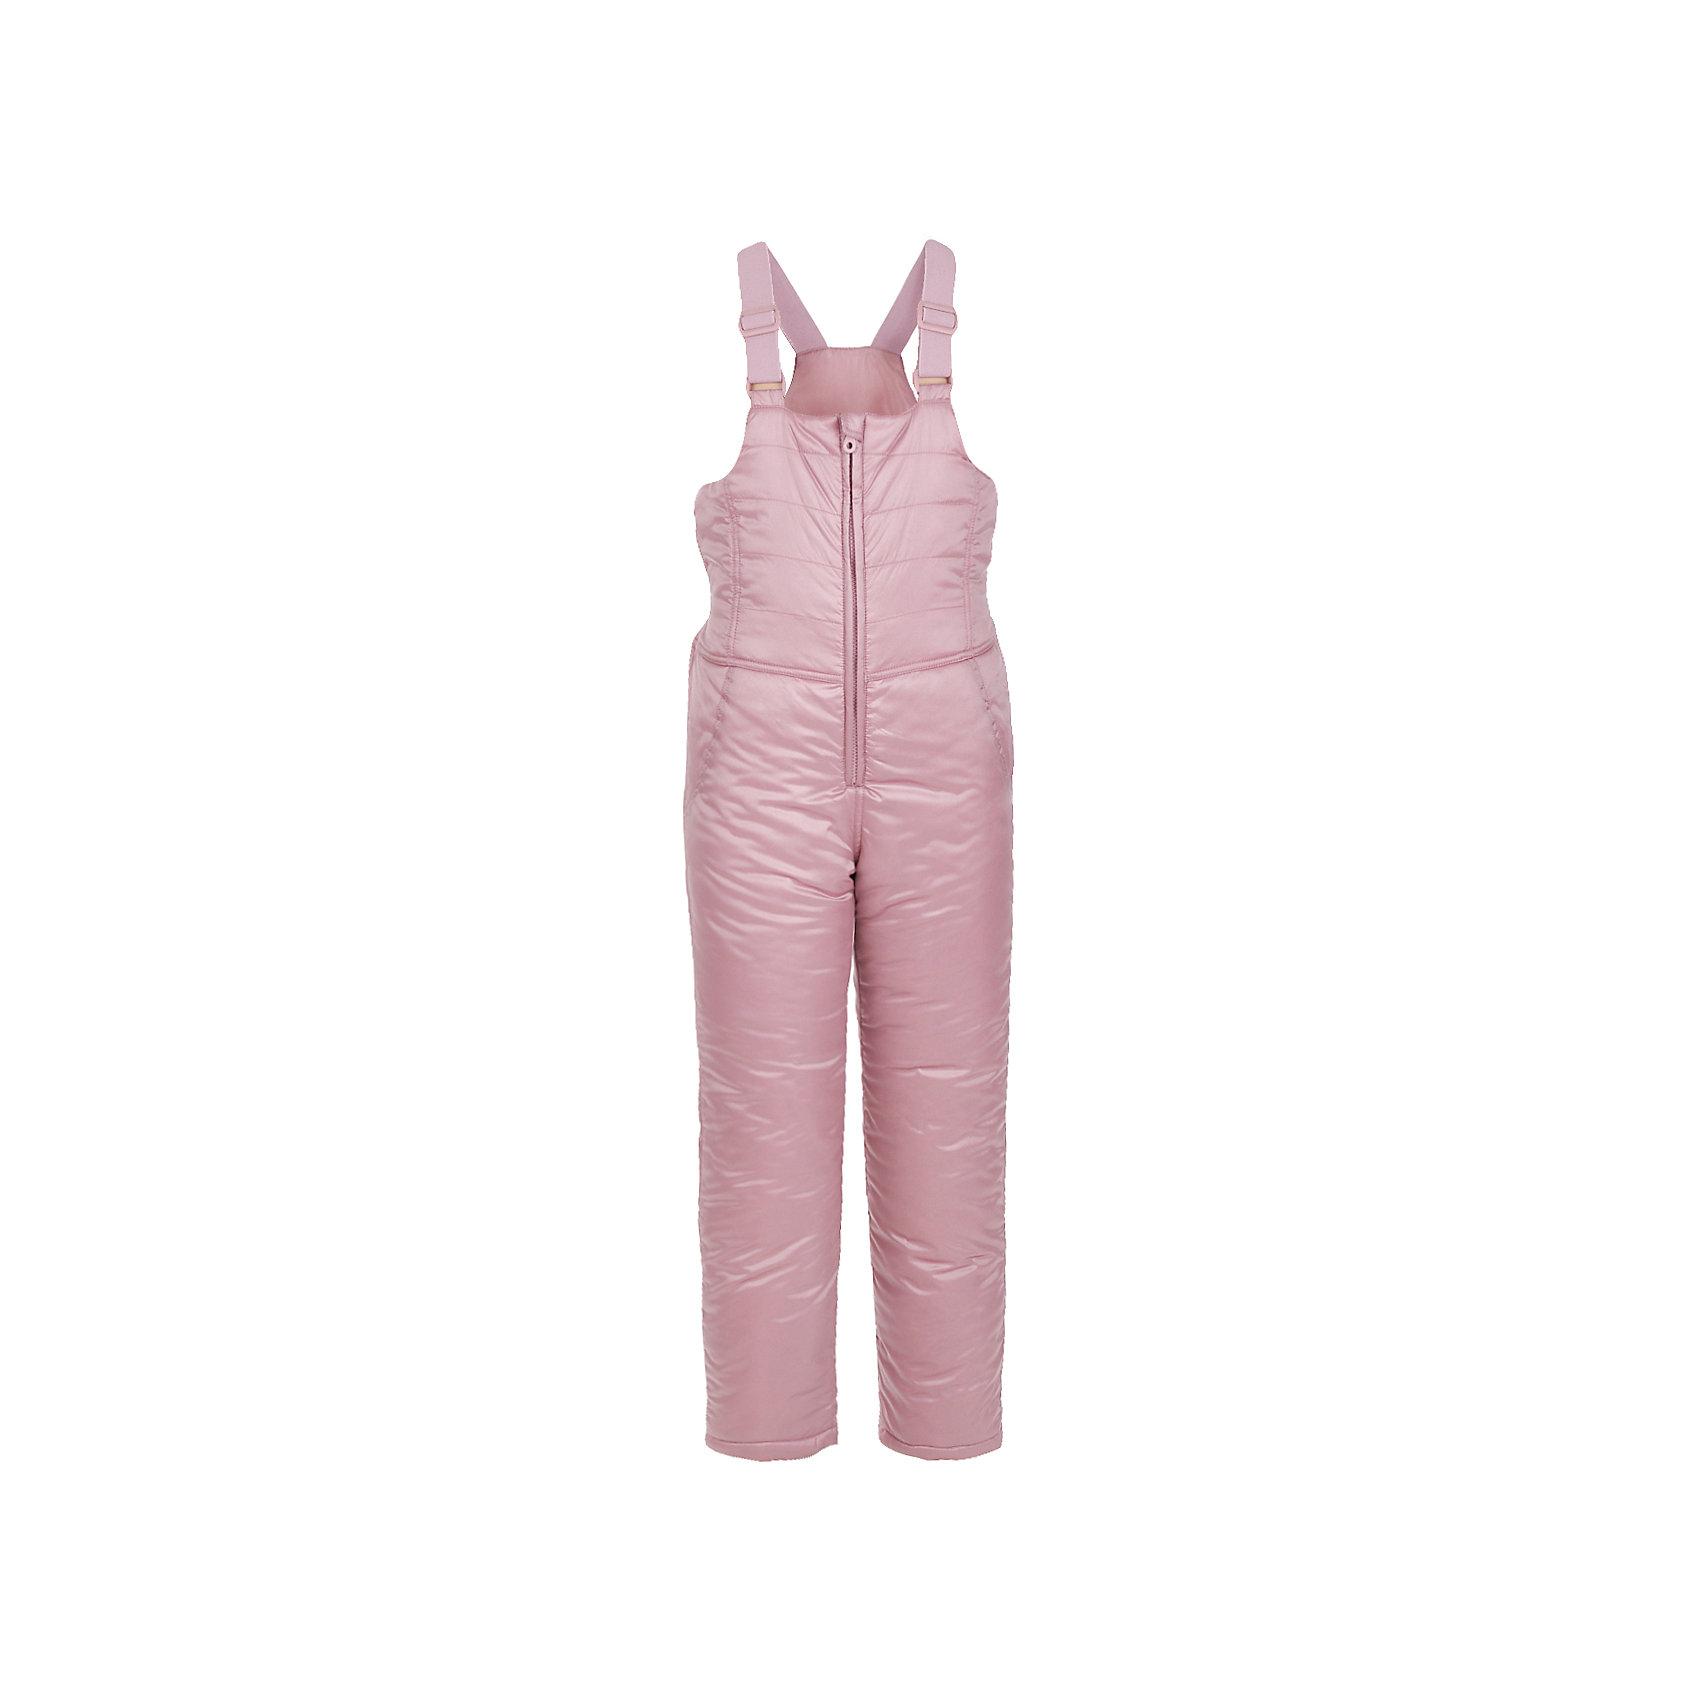 Полукомбинезон Button Blue для девочкиВерхняя одежда<br>Характеристики товара:<br><br>• цвет: розовый;<br>• состав: 55% полиэстер, 45% нейлон;<br>• подкладка: 100% хлопок, 100% полиэстер, флис;<br>• утеплитель: 100% полиэстер, синтепон;<br>• сезон: зима;<br>• температурный режим: от 0 до -20С;<br>• застежка: молния;<br>• гладкая подкладка из полиэстера;<br>• эластичные и регулируемые подтяжки;<br>• непромокаемые;<br>• снегозащитные манжеты на штанинах;<br>• два боковых кармана;<br>• страна бренда: Россия;<br>• страна изготовитель: Китай.<br><br>Зимний полукомбинезон с подтяжками для девочки. Полукомбинезон застегивается на молнию. Сверху полукомбинезон выполнен из водонепроницаемой ткани, при этом изделие дышит. Полукомбинезон дополнен эластичными и регулируемыми подтяжками, внизу штанин имеется снегозащитные манжеты.<br><br>Полукомбинезон Button Blue (Баттон Блю) можно купить в нашем интернет-магазине.<br><br>Ширина мм: 215<br>Глубина мм: 88<br>Высота мм: 191<br>Вес г: 336<br>Цвет: розовый<br>Возраст от месяцев: 96<br>Возраст до месяцев: 108<br>Пол: Женский<br>Возраст: Детский<br>Размер: 134,98,104,110,116,122,128<br>SKU: 7038057